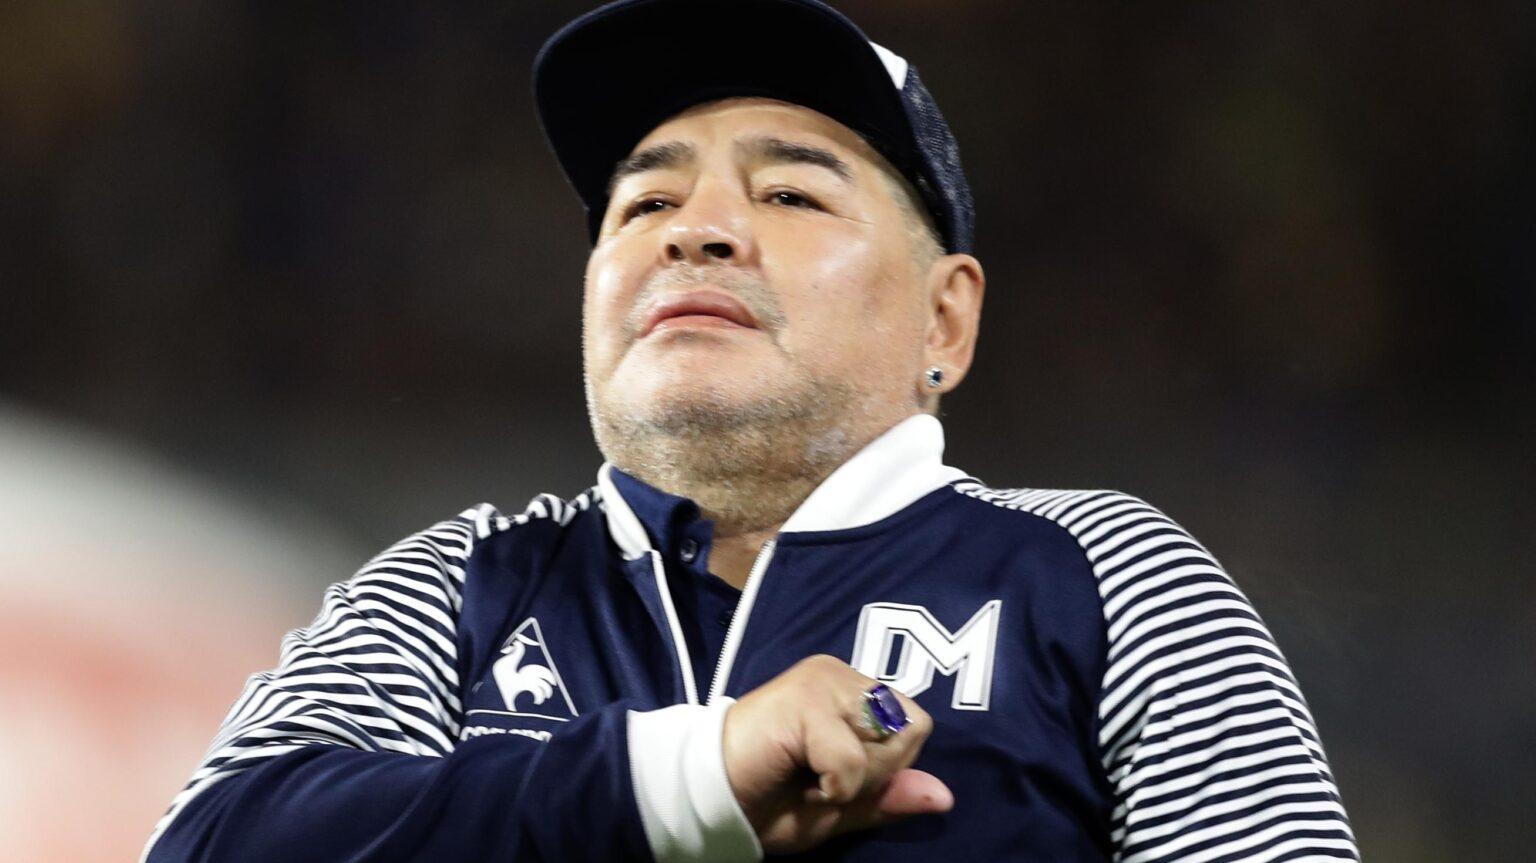 Primeiro suspeito da morte de Maradona depõe nesta segunda-feira